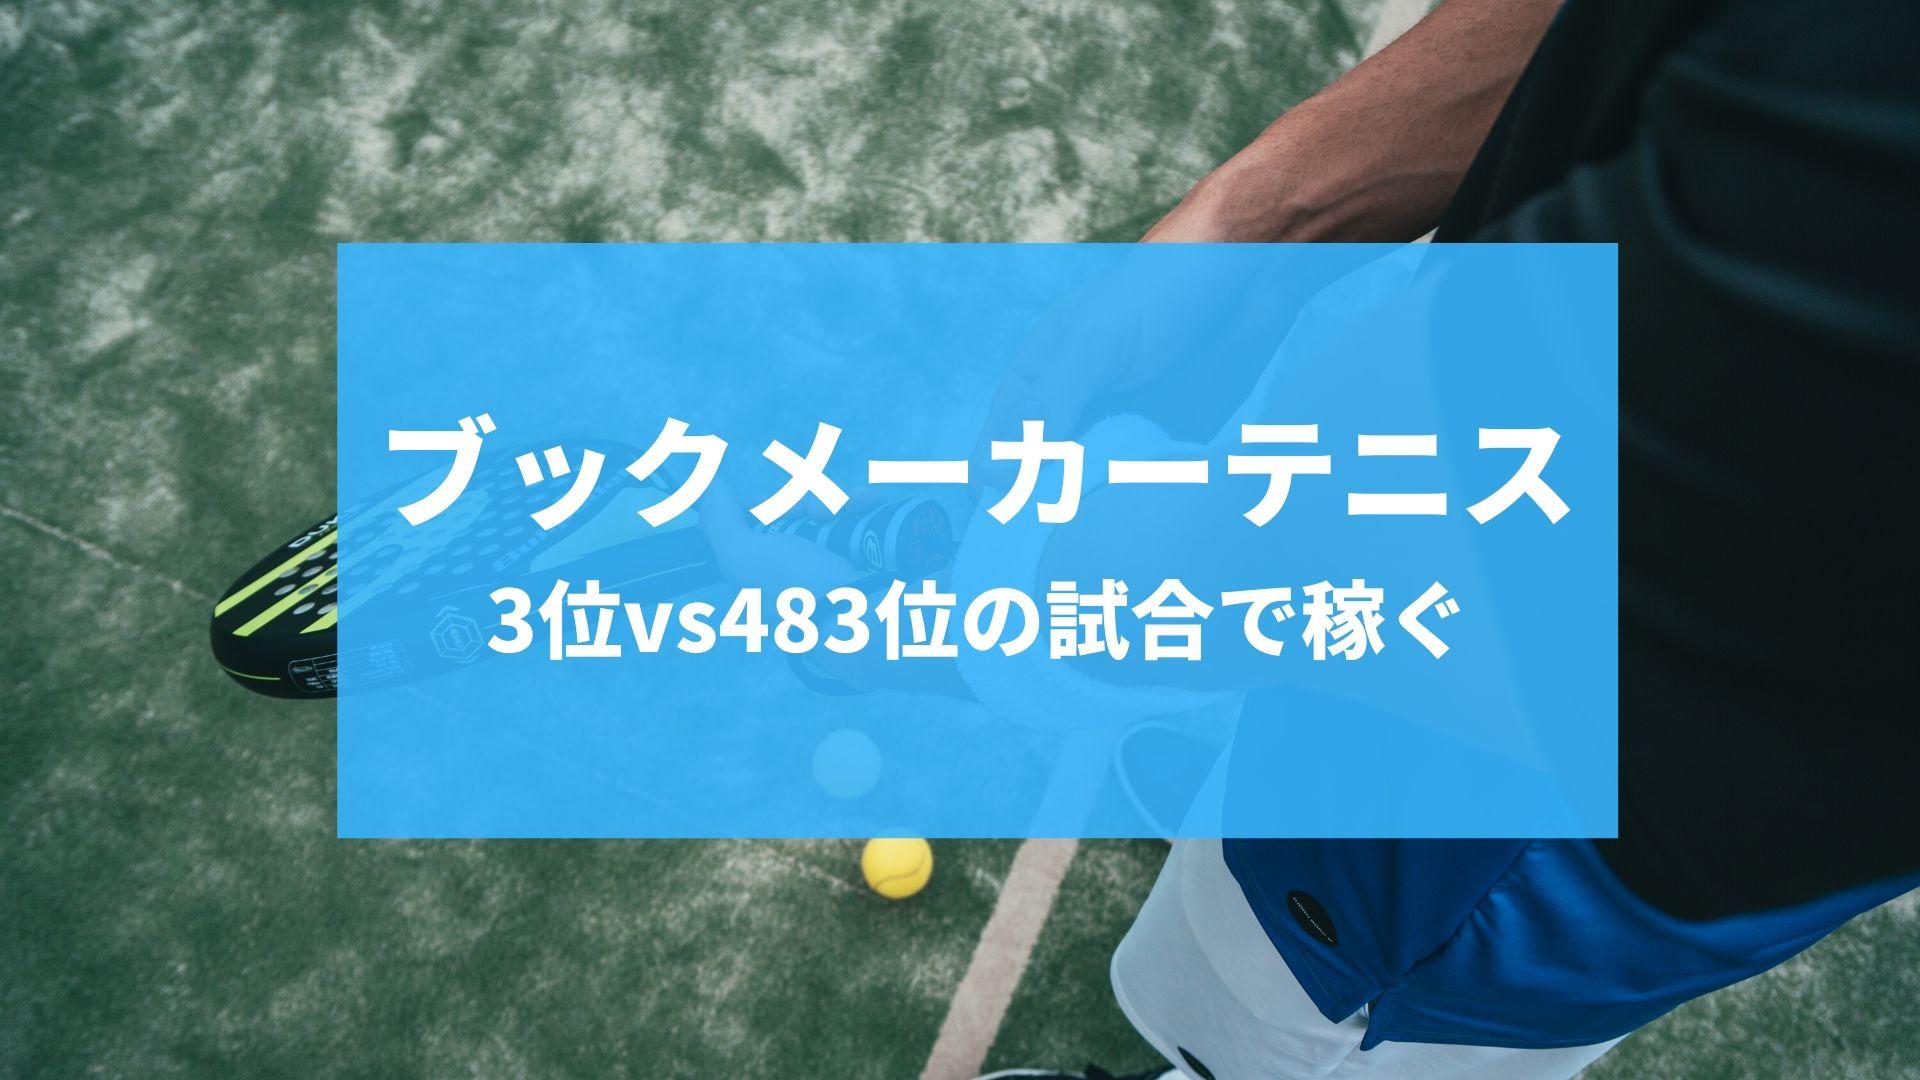 ブックメーカーテニス攻略のコツ